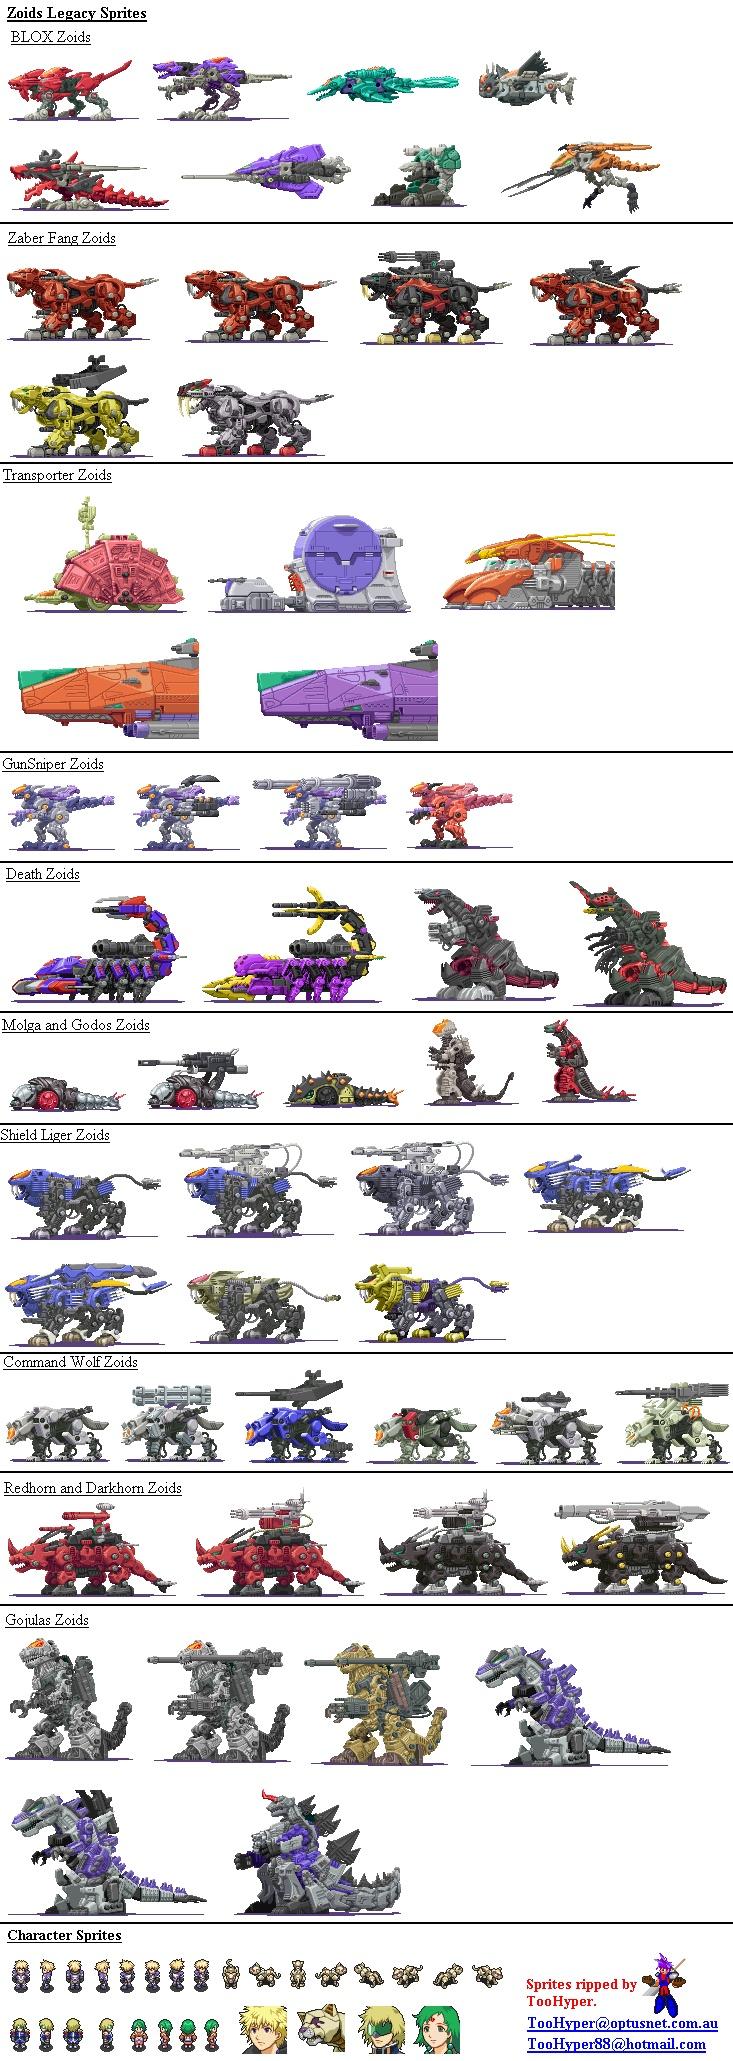 Juego para el GameBoy advance Llamado: Zoids Legacy (Estados Unidos) o Zoids Saga 2 (Japon).